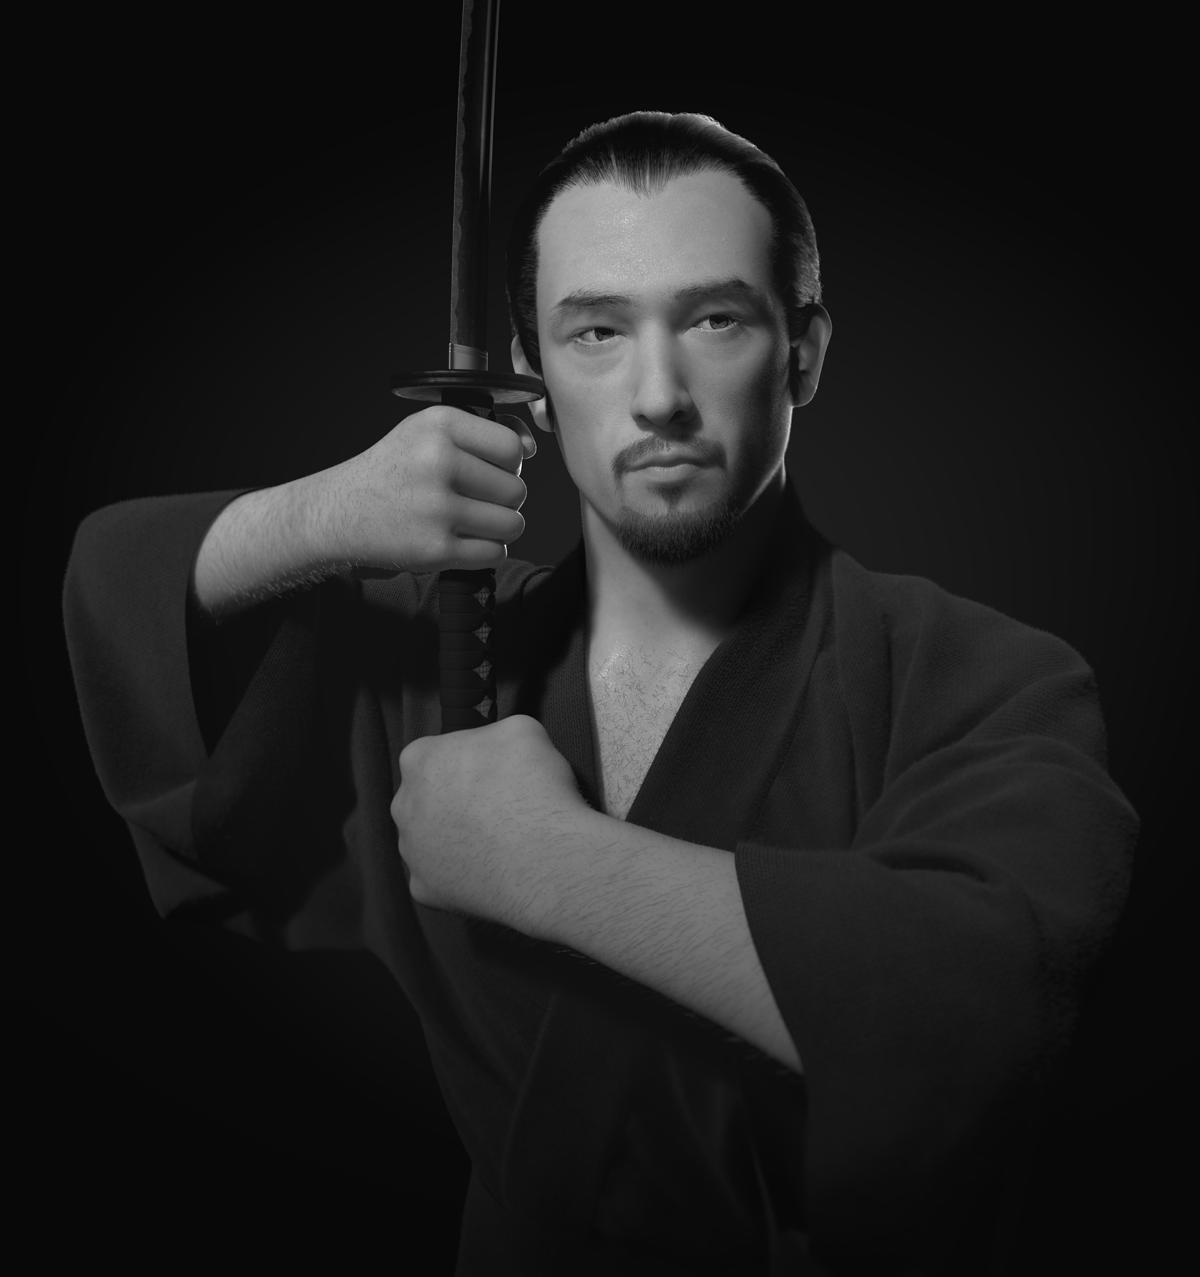 Samurai4k_BW